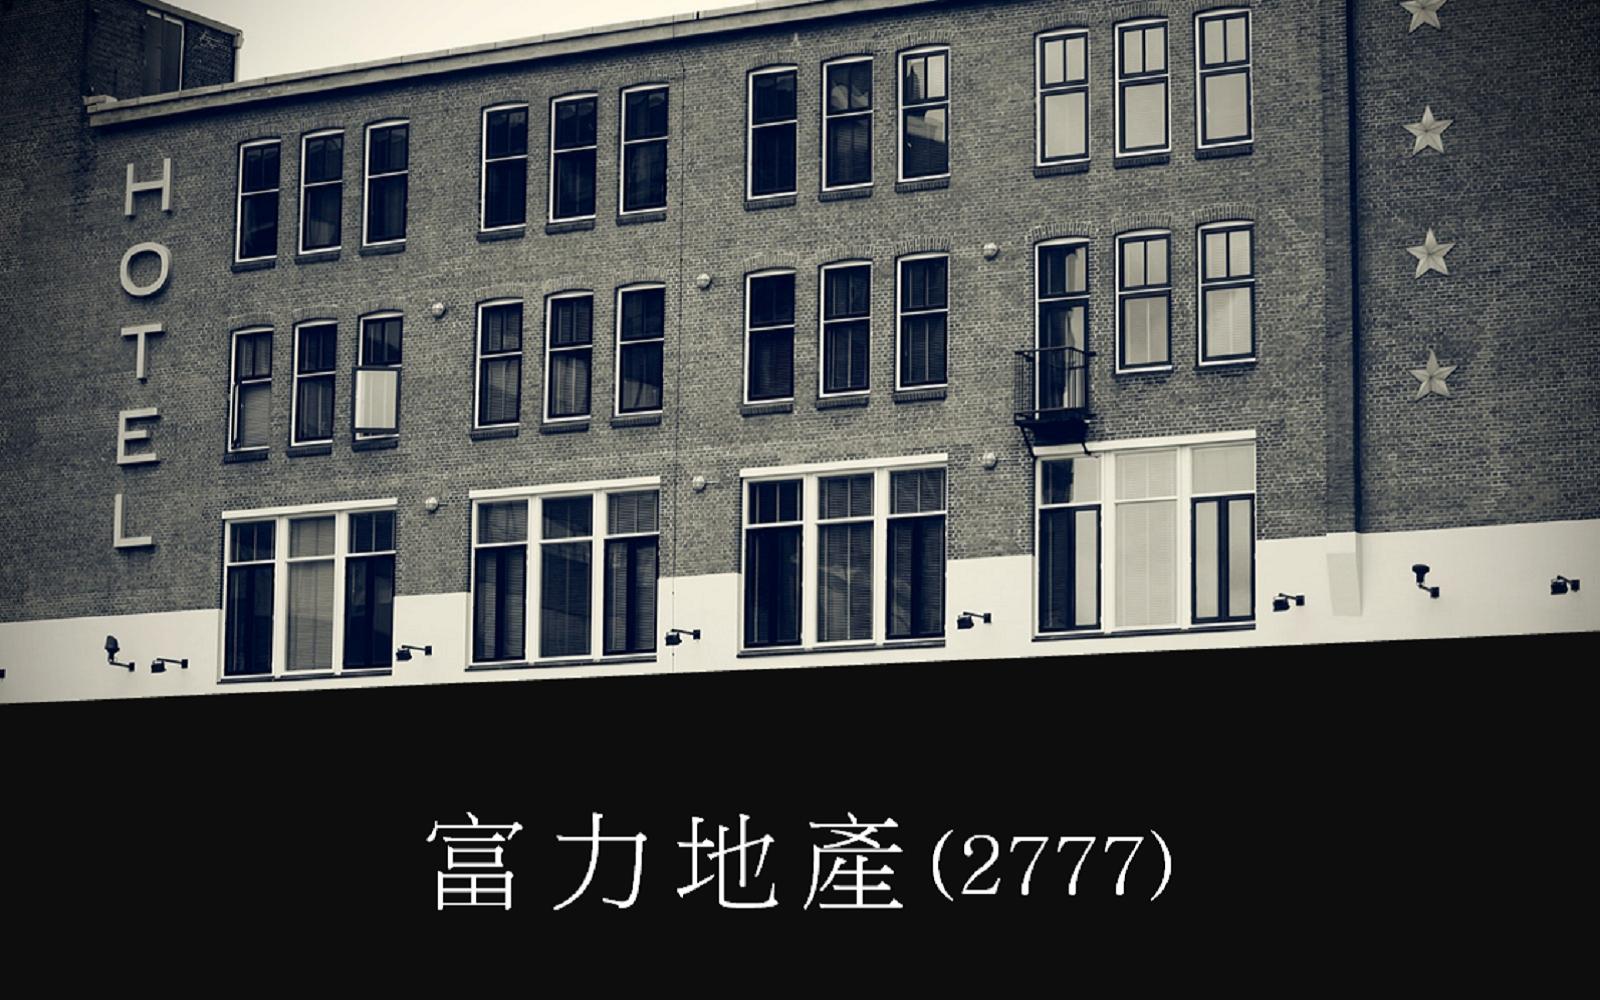 富力地產 (2777)